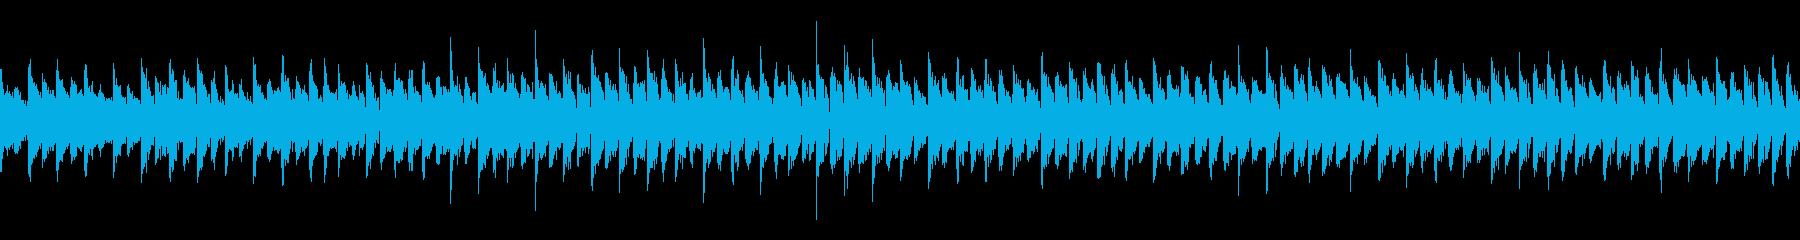 スクエア波形シンセの長めなループの再生済みの波形